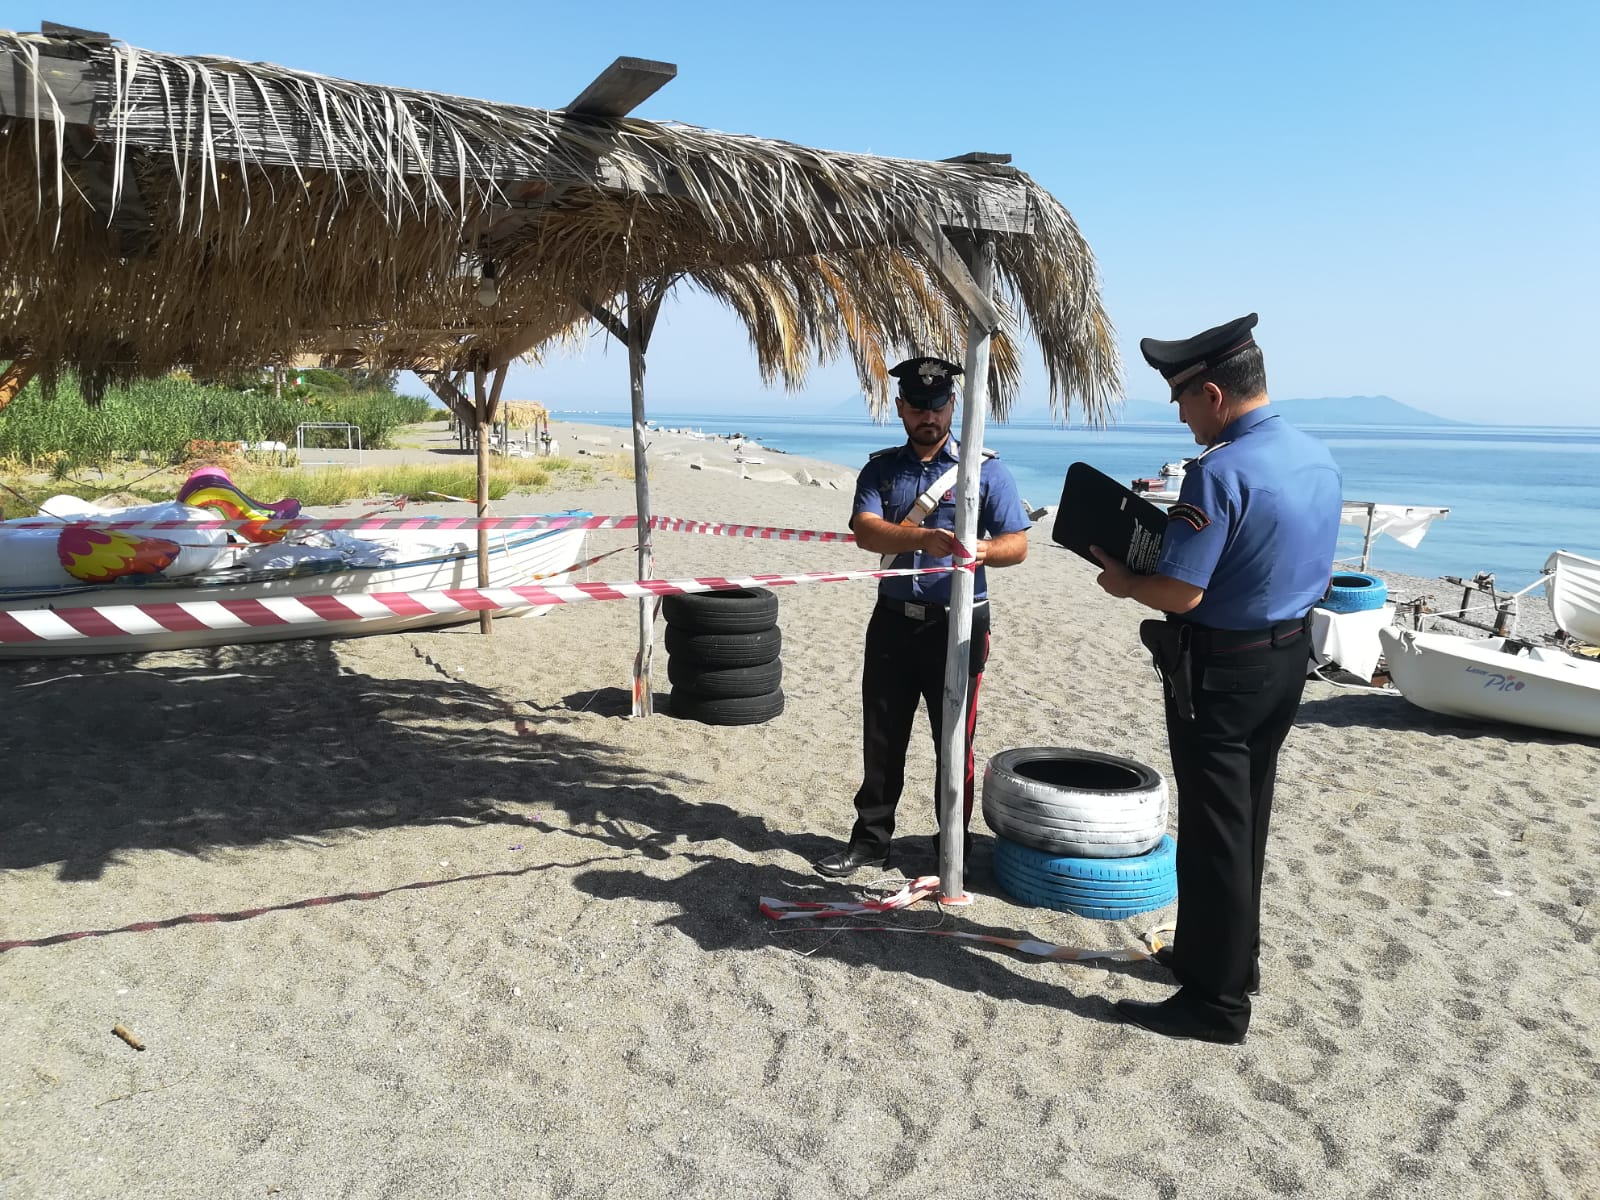 Occupazione abusiva di spiaggia libera e costruzioni non autorizzate: 8 persone denunciate